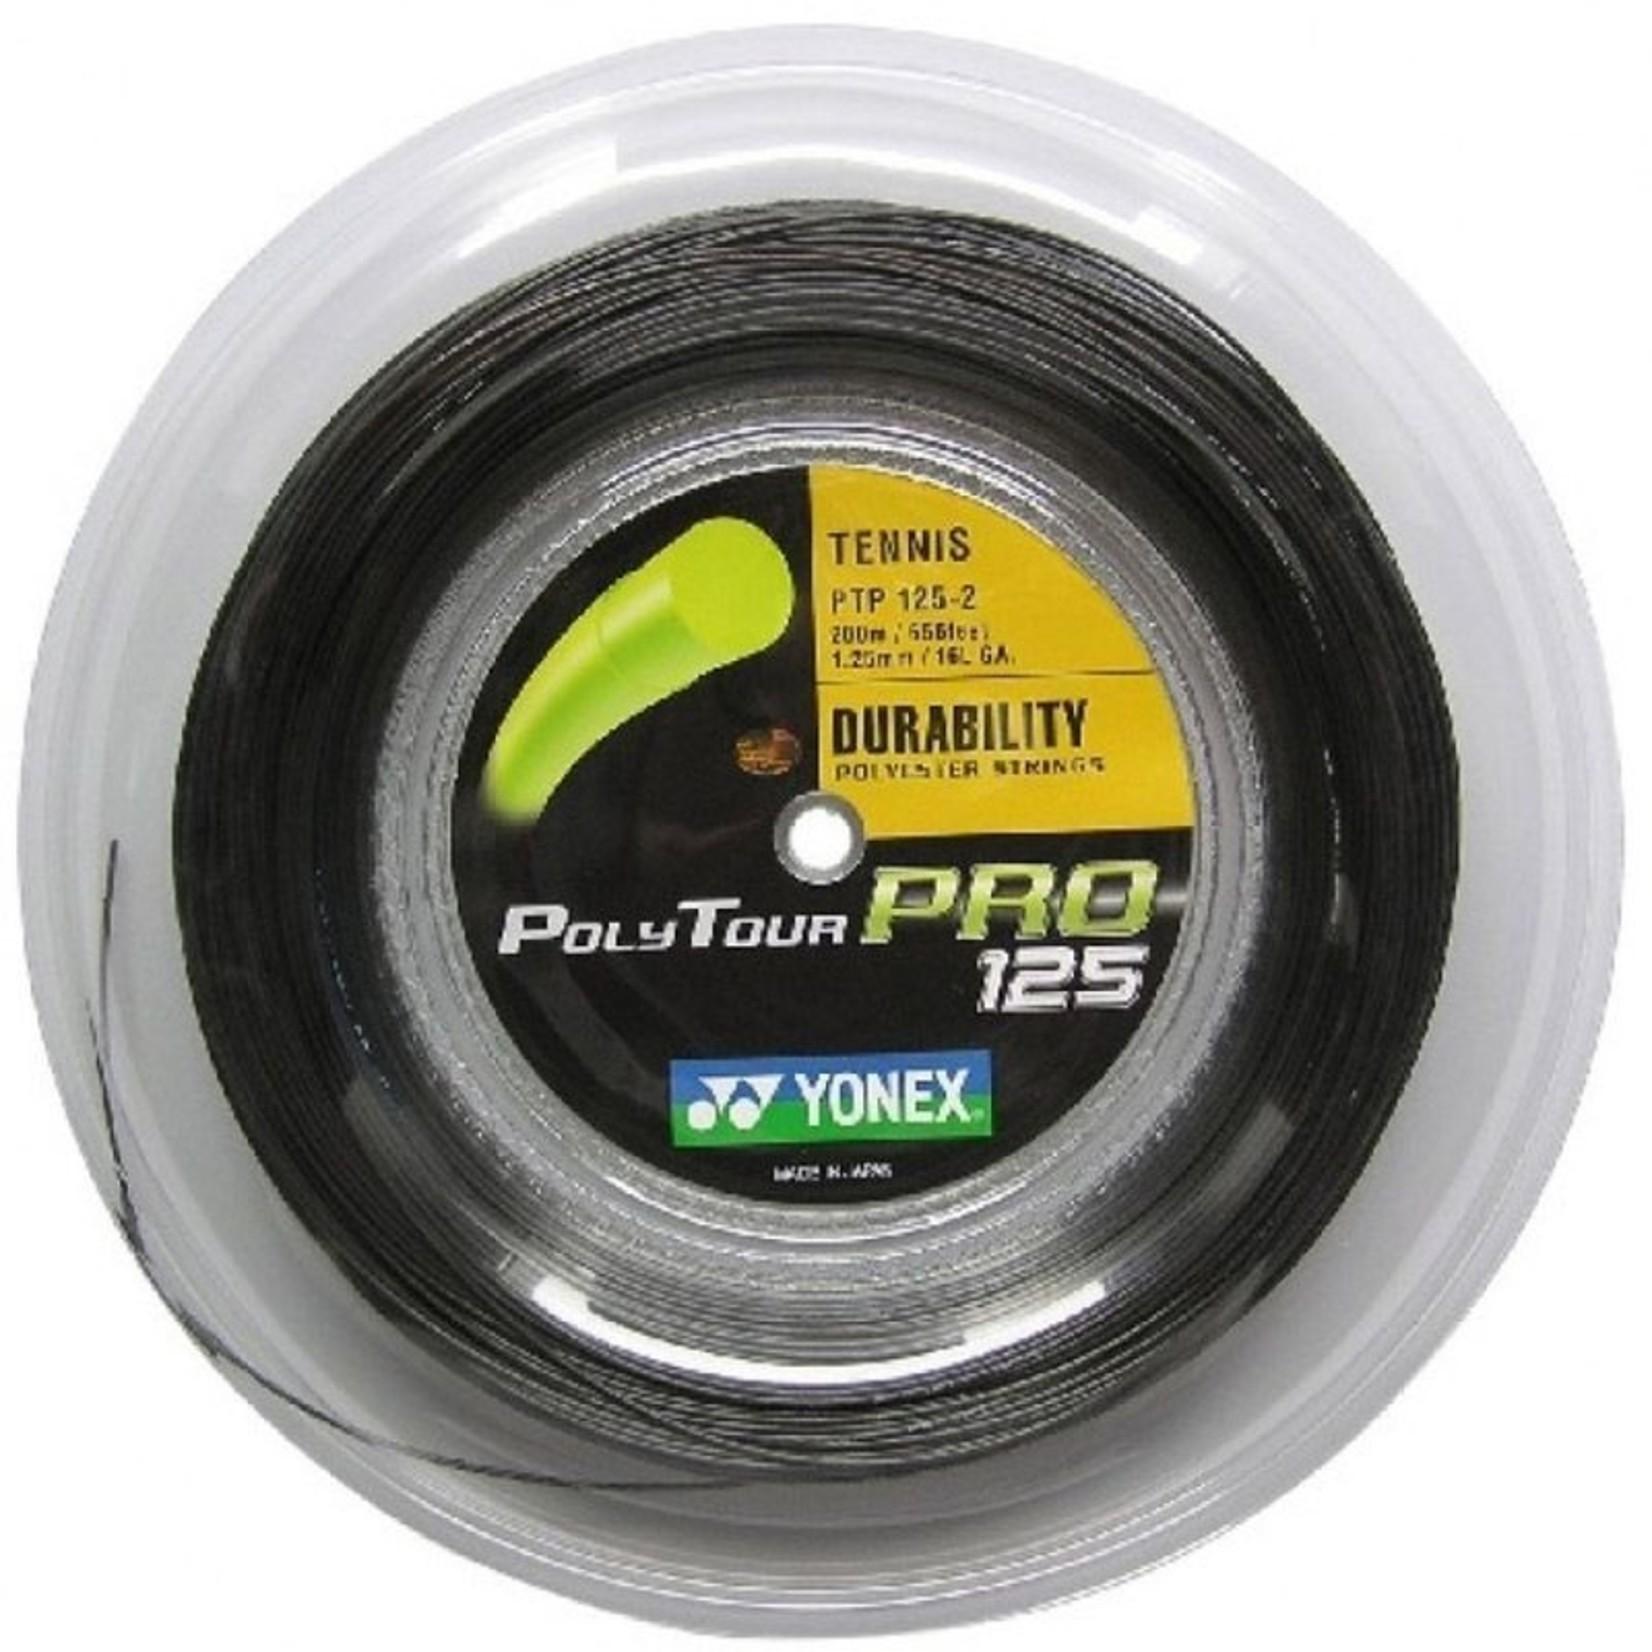 Yonex PolyTour Pro - 200m